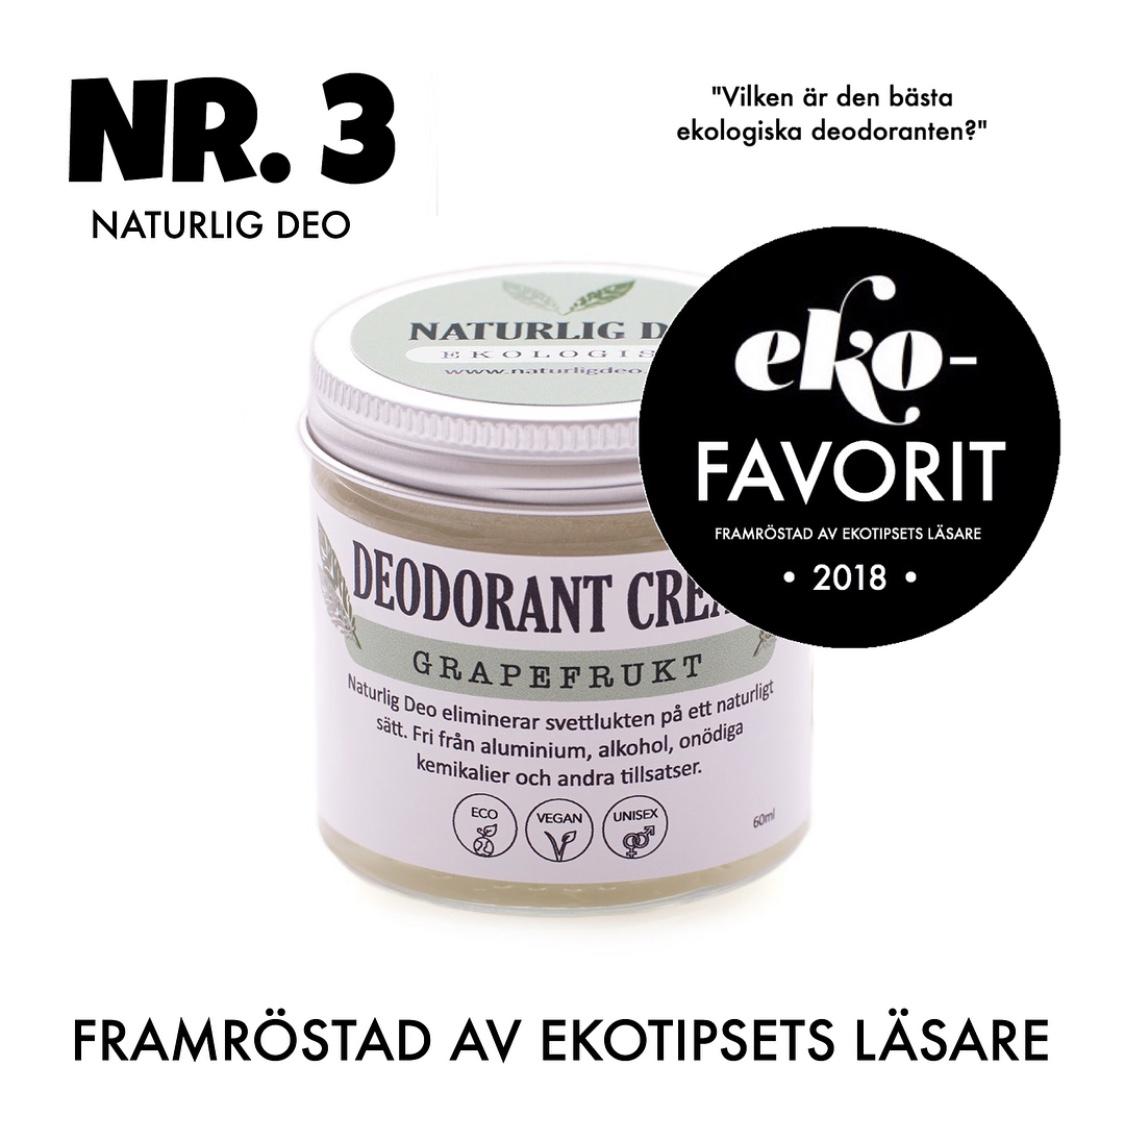 bästa ekologiska deodoranten naturlig deo